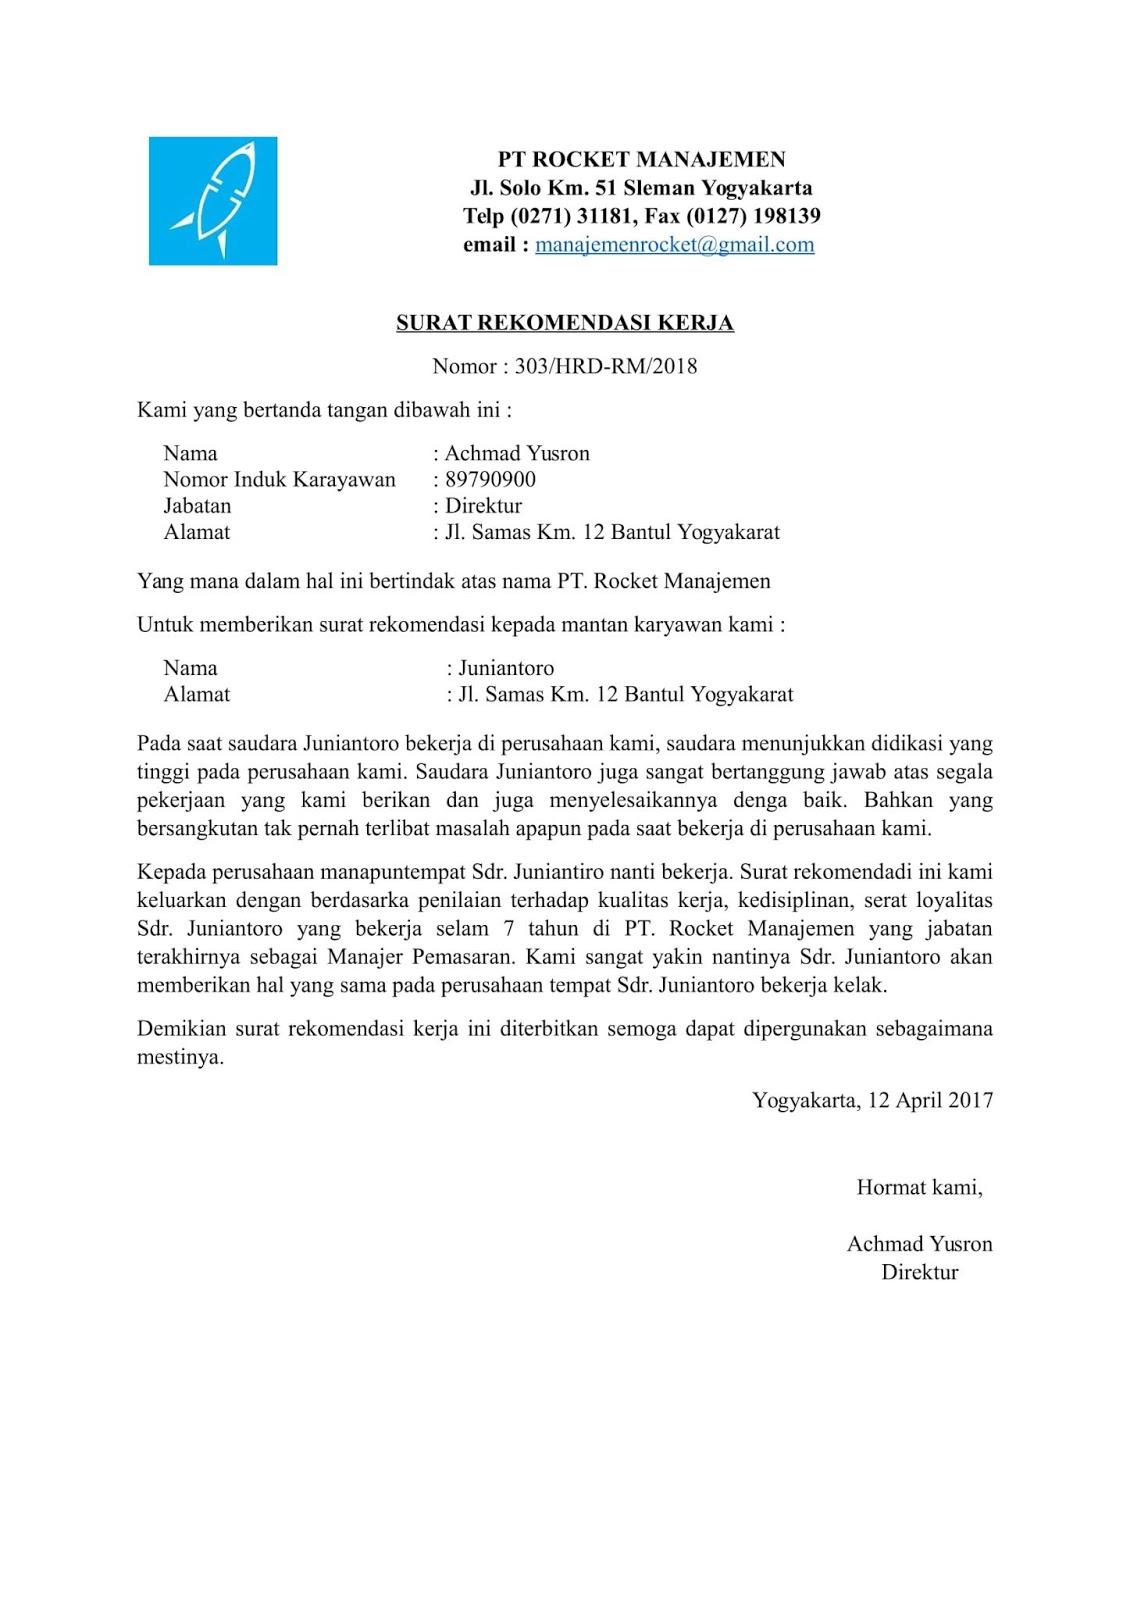 Contoh Surat Rekomendasi Kerja 2020 Format Doc Pdf